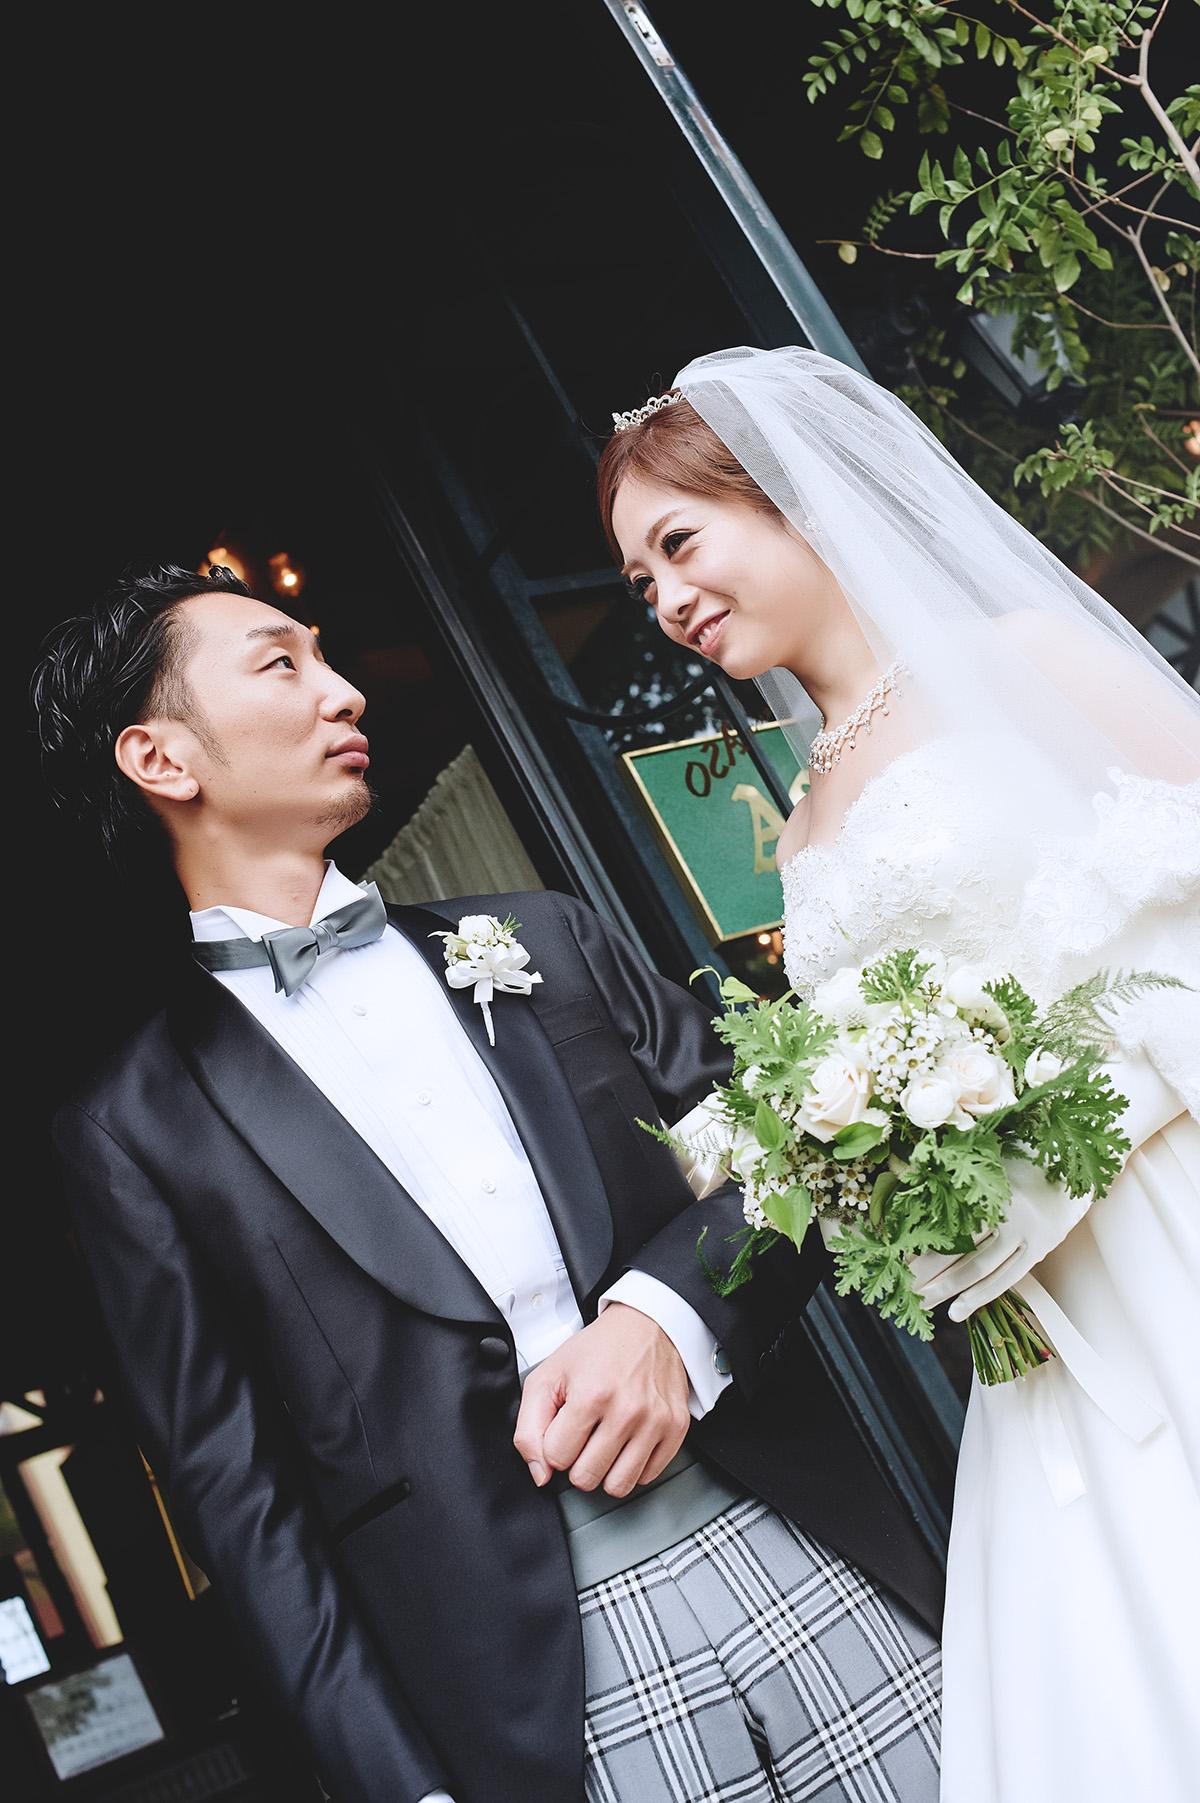 Tomohiro & Mina